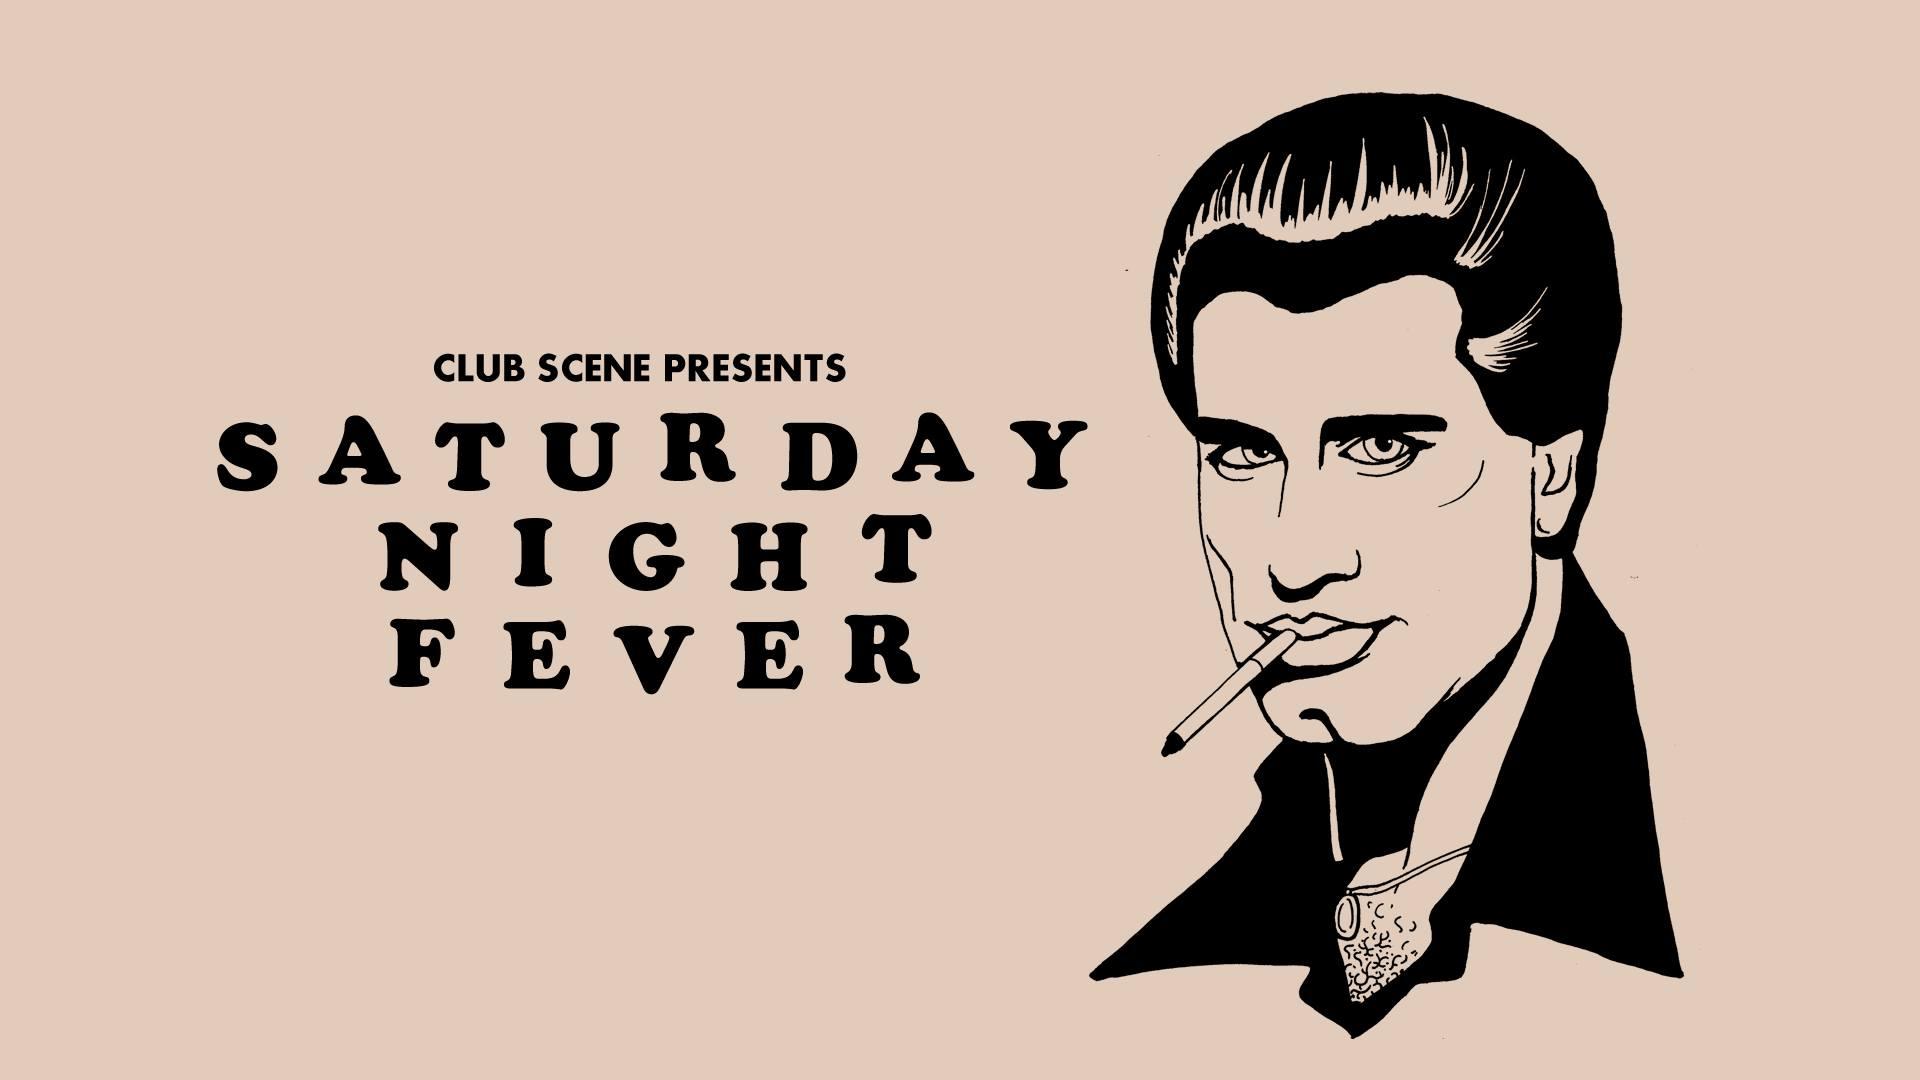 saturday night fever clip art wwwpixsharkcom images